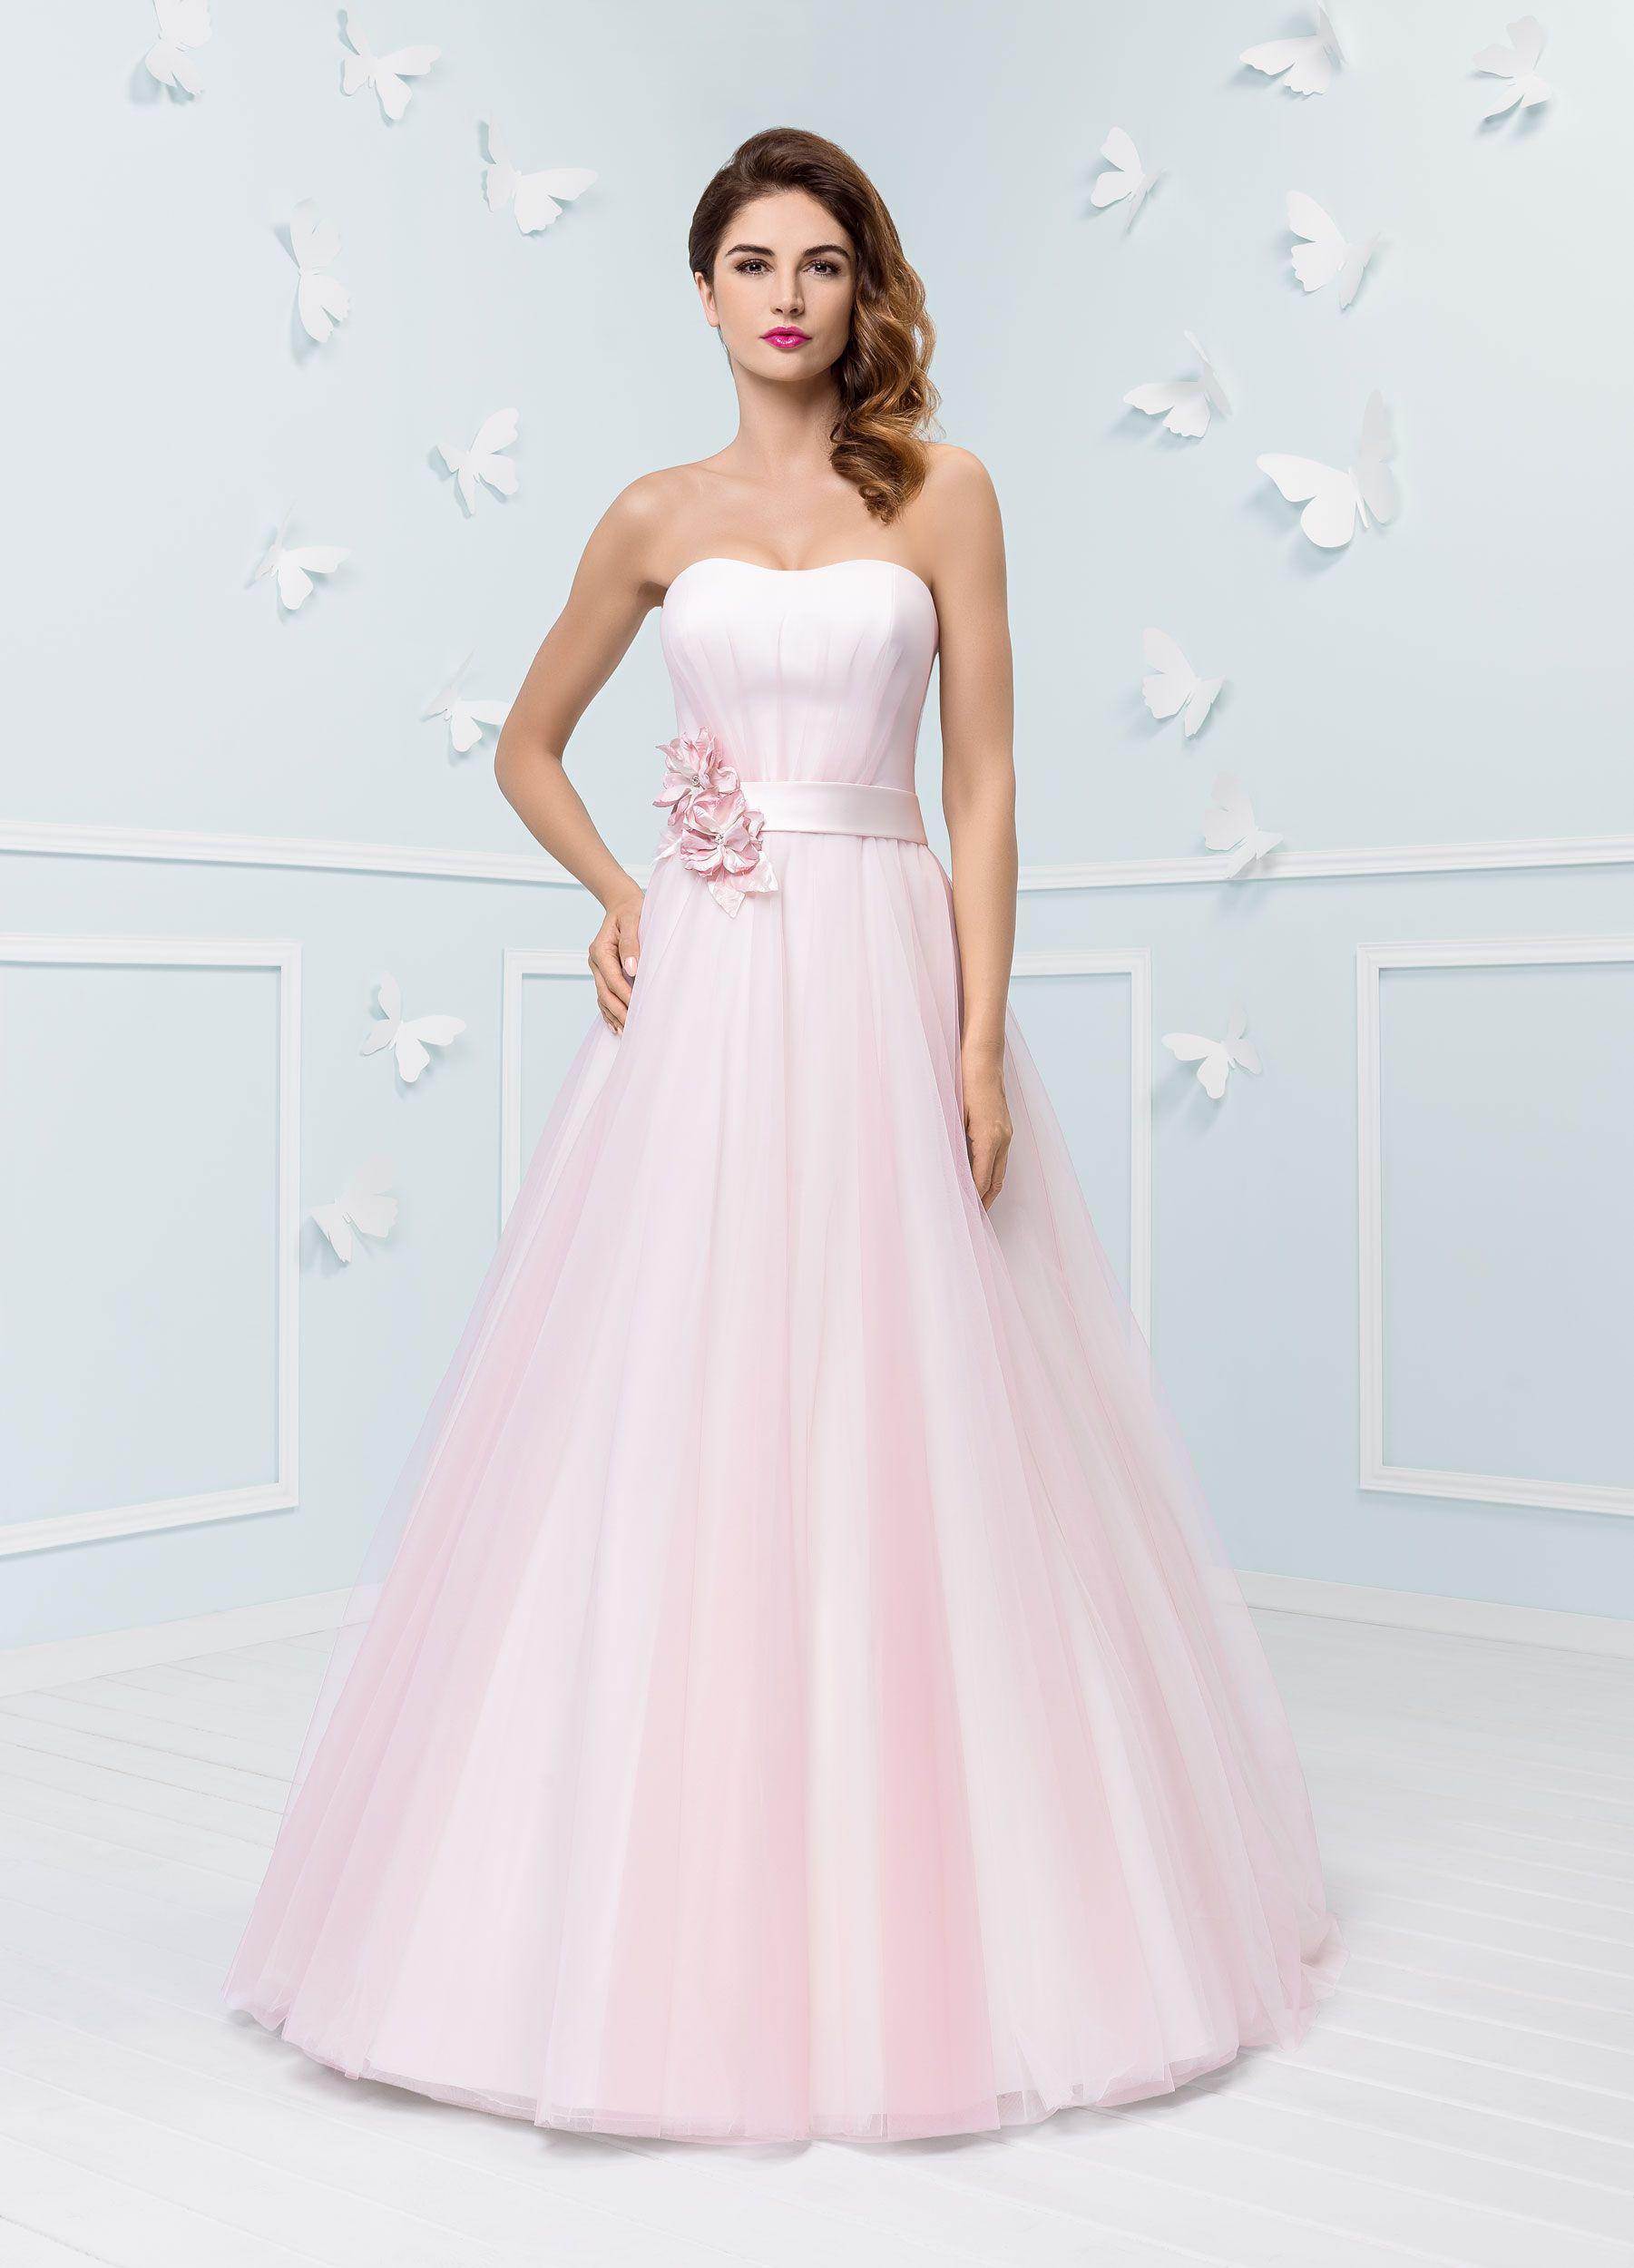 Brautkleider von Elizabeth Passion - bei uns erhältlich ...